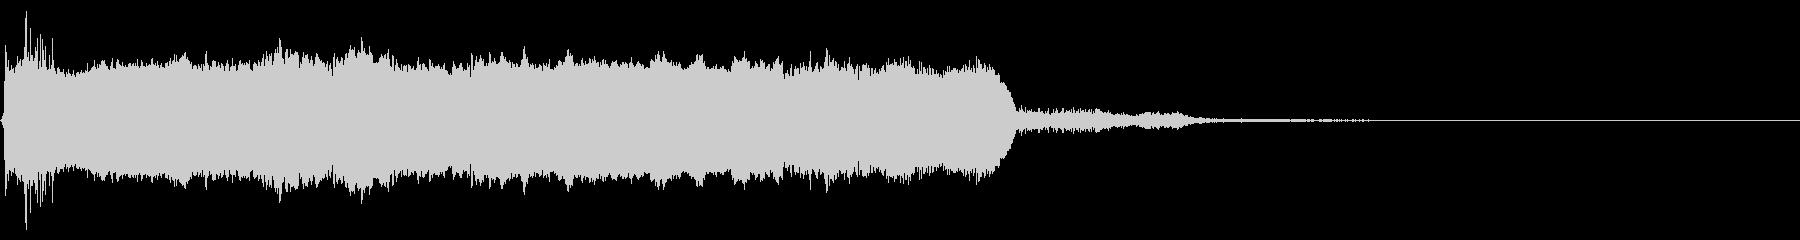 歪んだロックバンパー4の未再生の波形